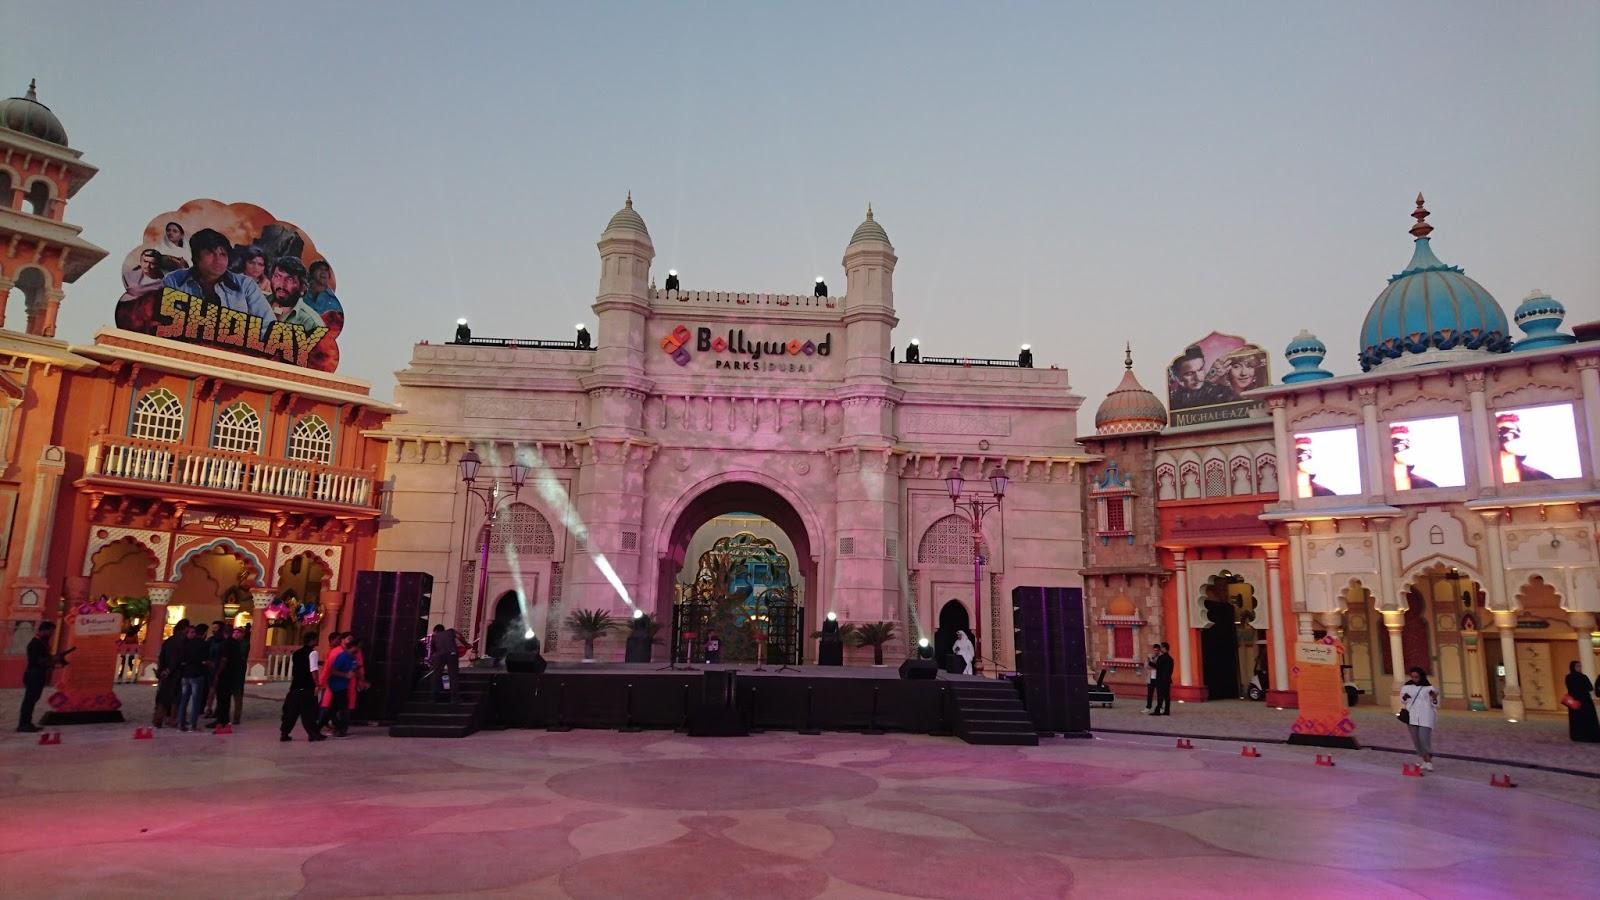 صوره الاماكن السياحية في الكويت , افضل الاماكن جذب للسياحه فى الكويت